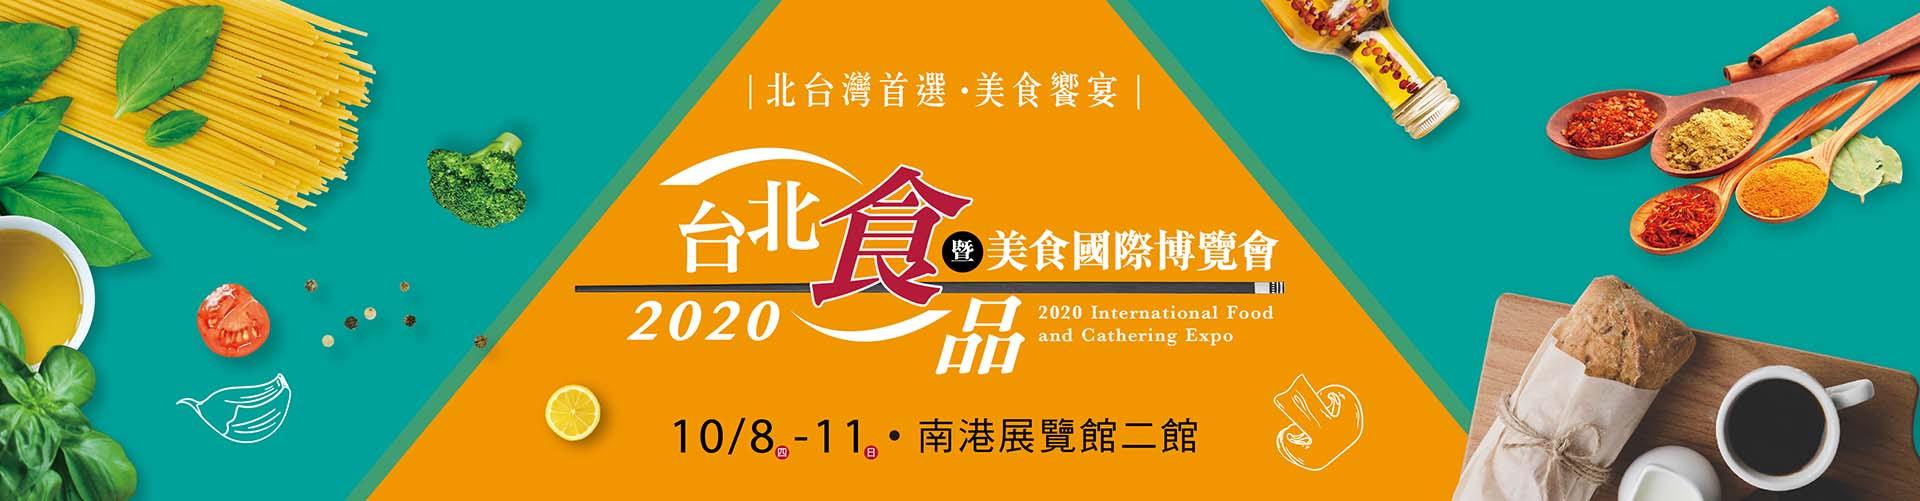 2019台灣國際美食暨伴手禮展